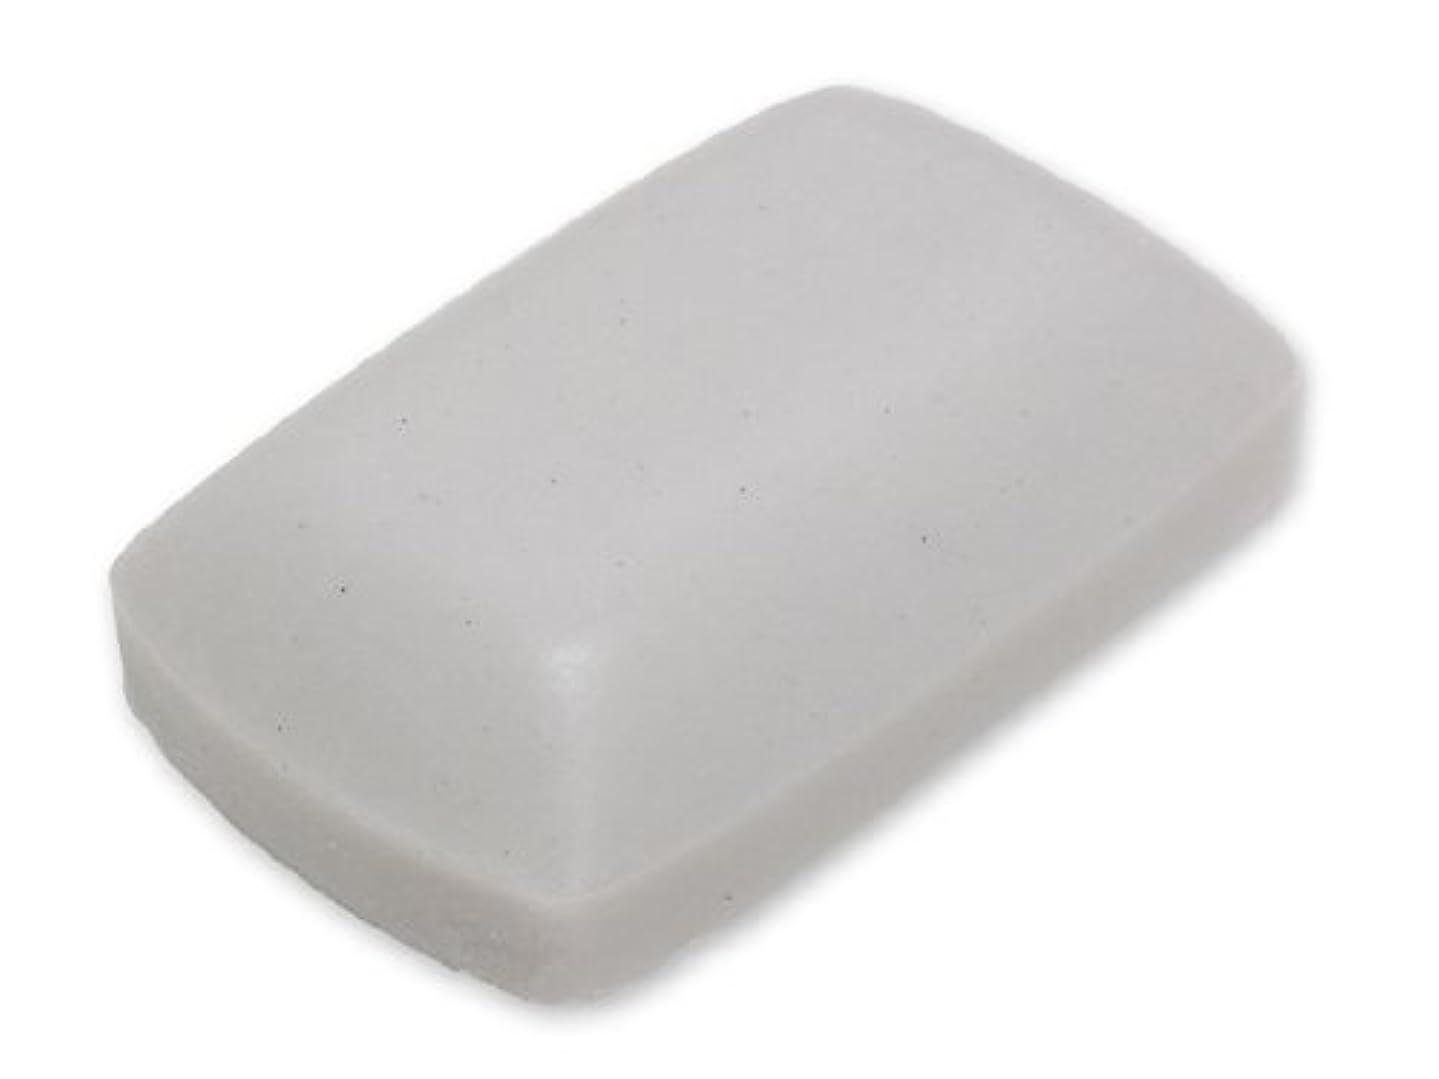 キロメートルアクセント調整不思議な石鹸「ゆらぎ乃せっけん」